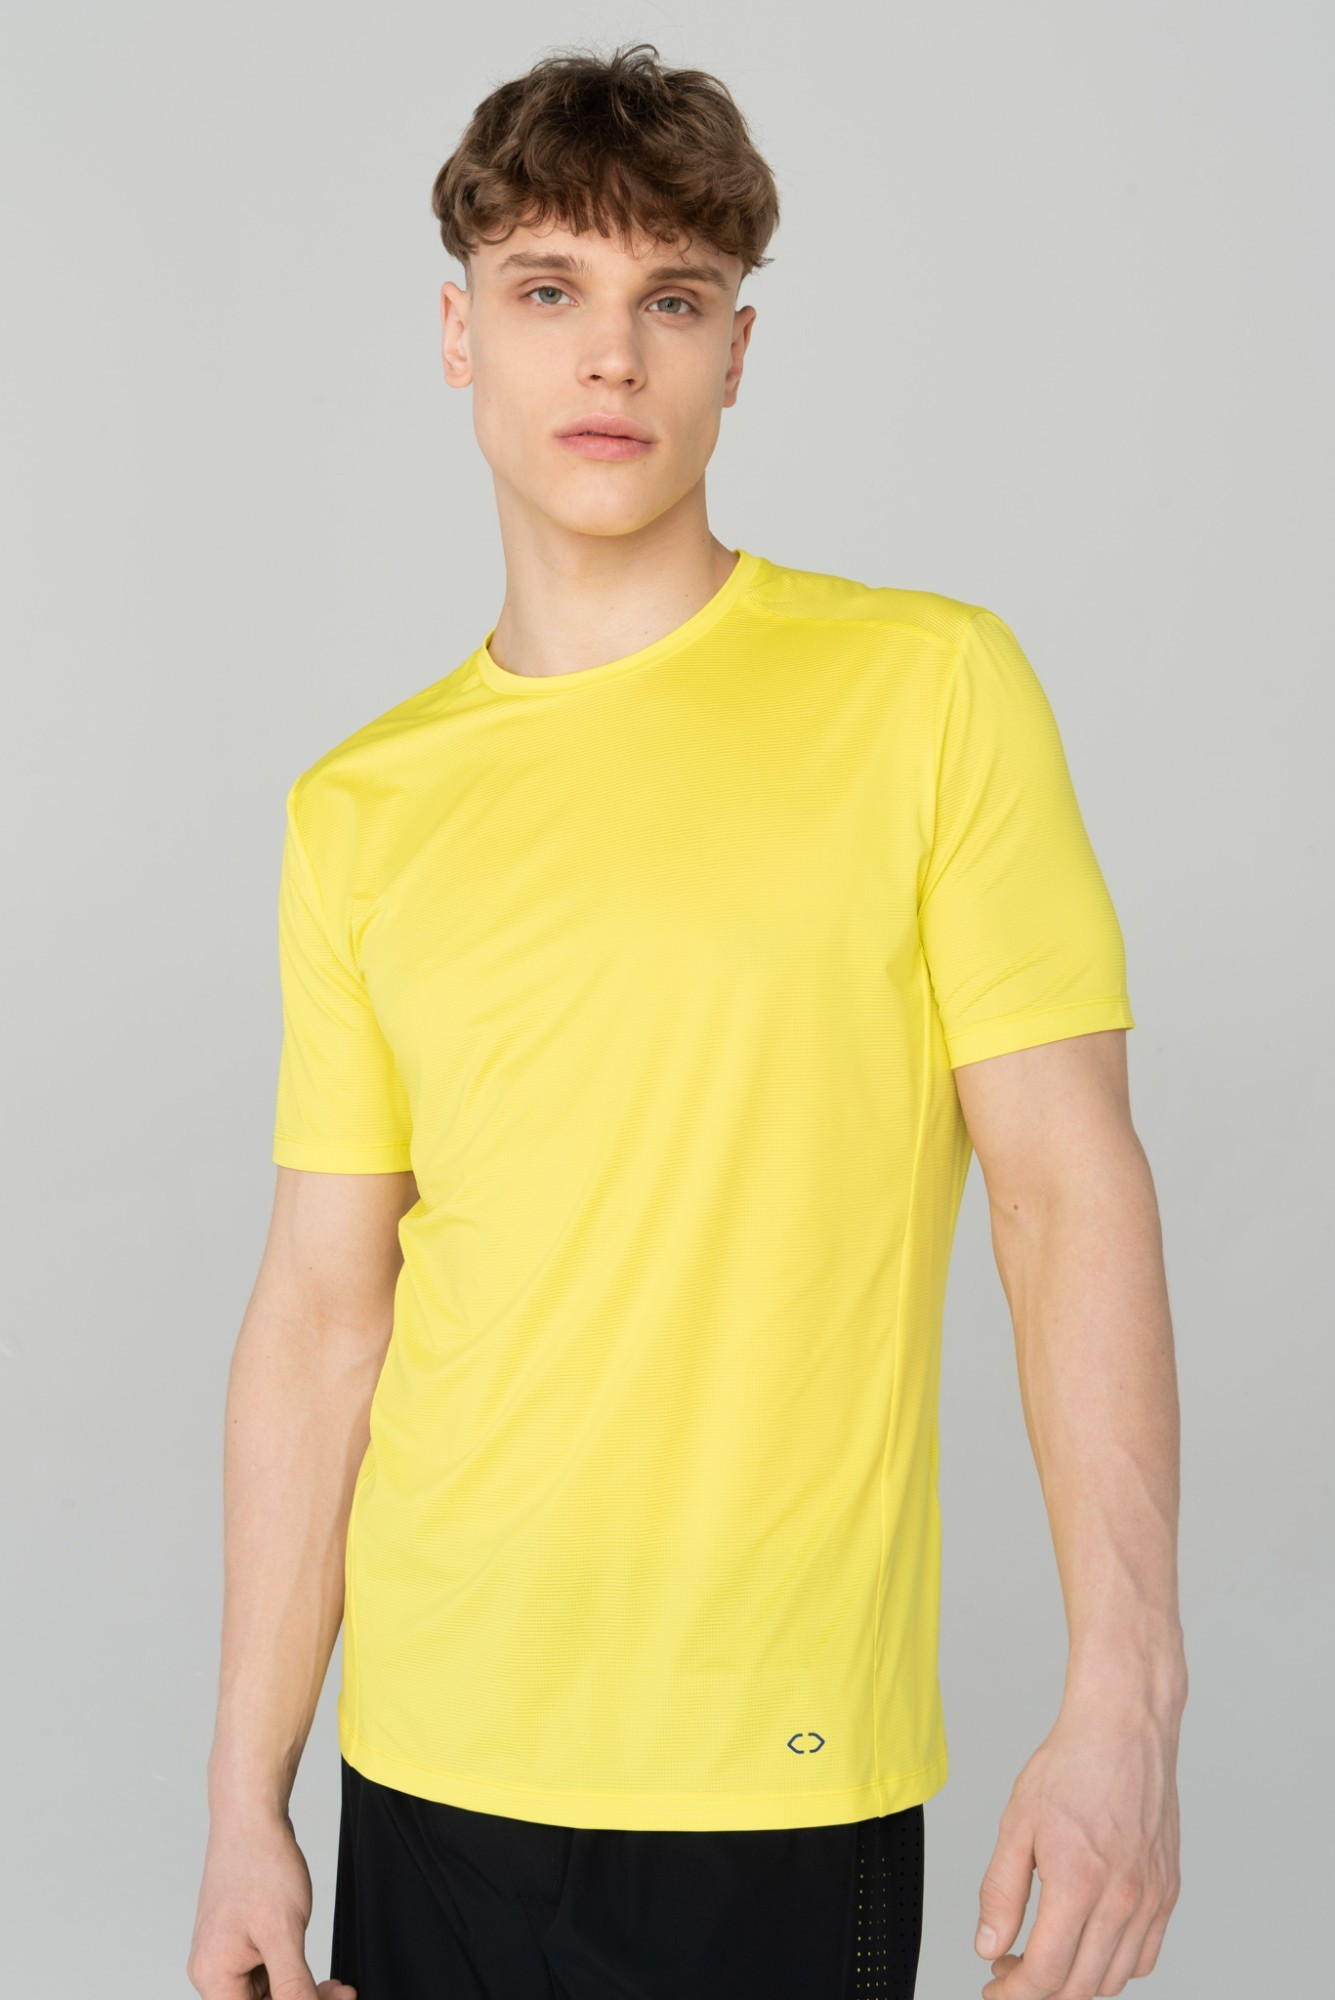 AUDIMAS Funkcionalūs marškinėliai 2111-714 Sulphur Spring L